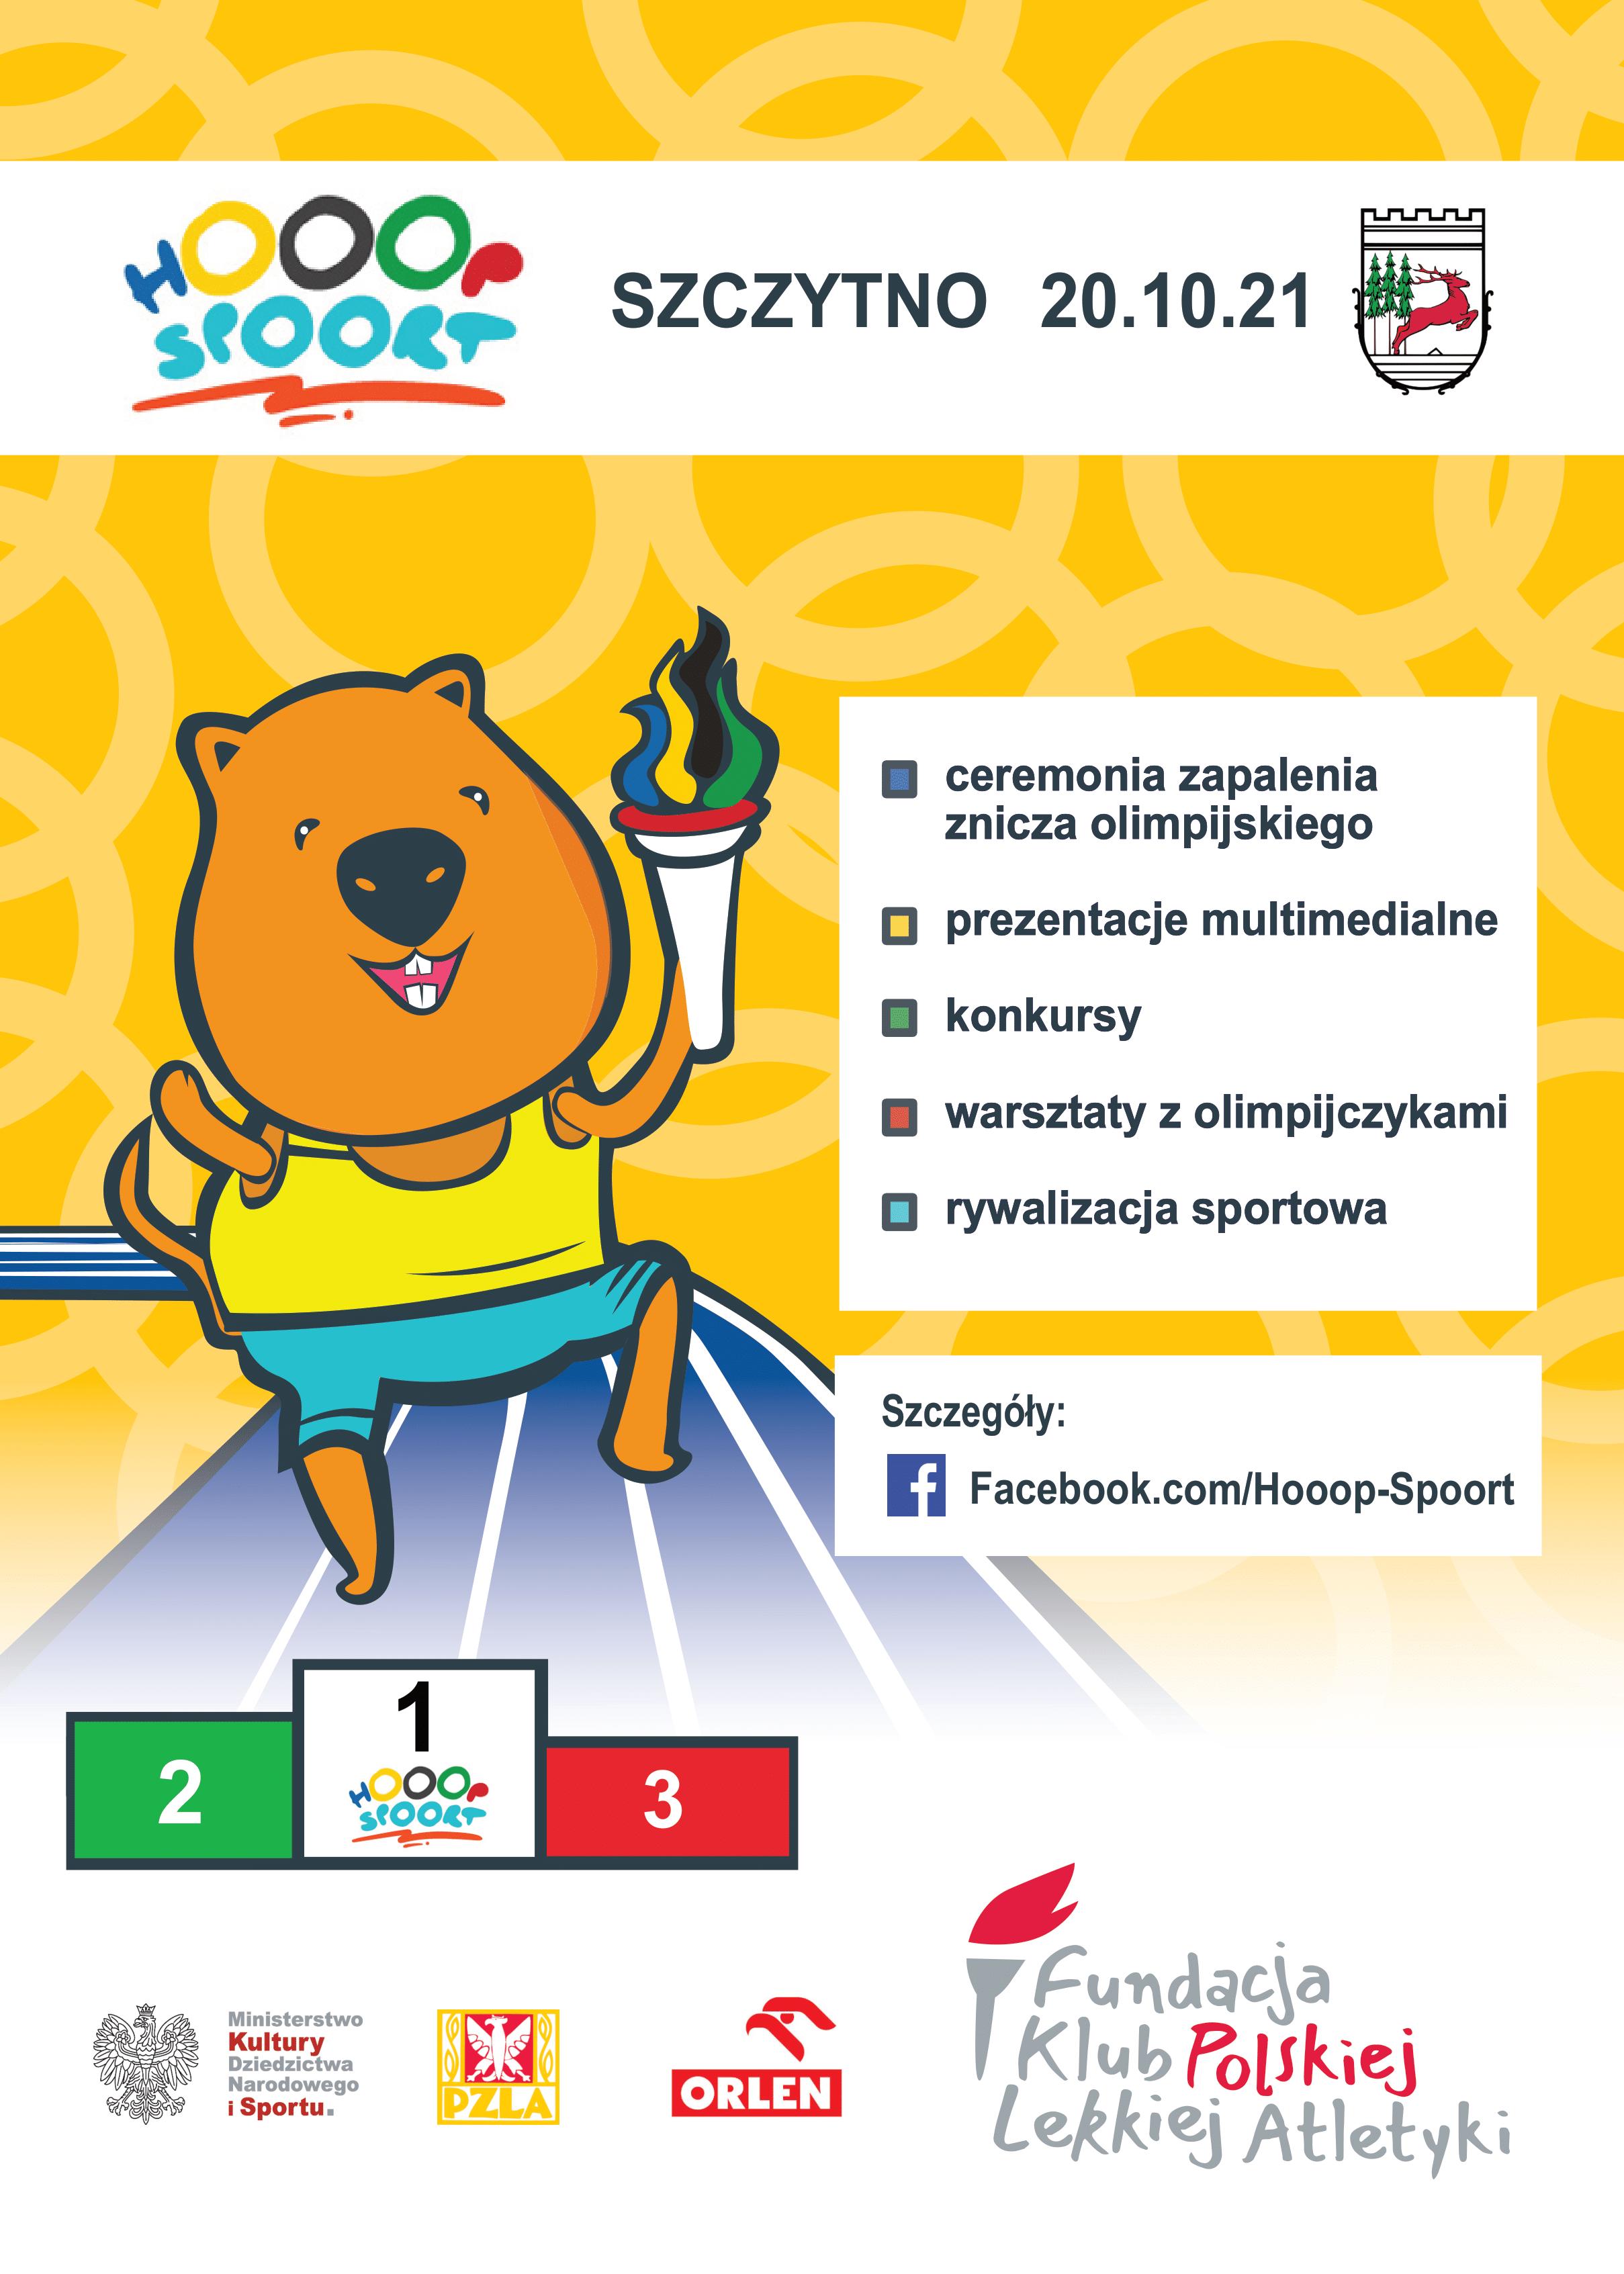 https://m.powiatszczycienski.pl/2021/10/orig/05-1-43945.png